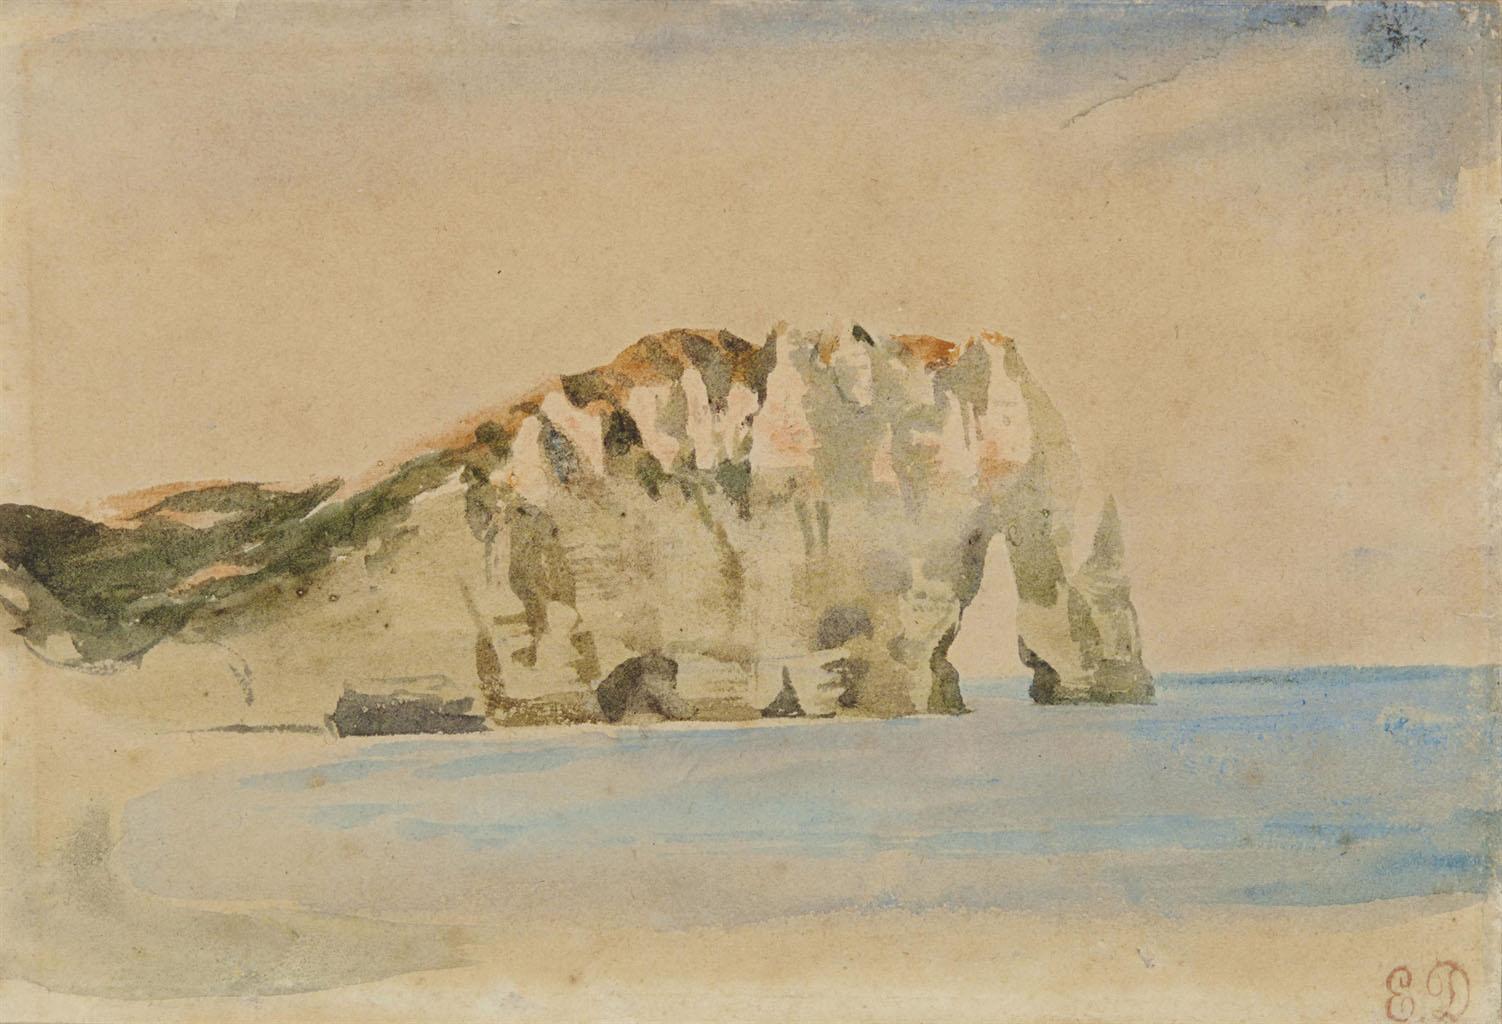 Художник Делакруа Delacroix акварель d'Etretat морские пейзажи Альберт Сафиуллин